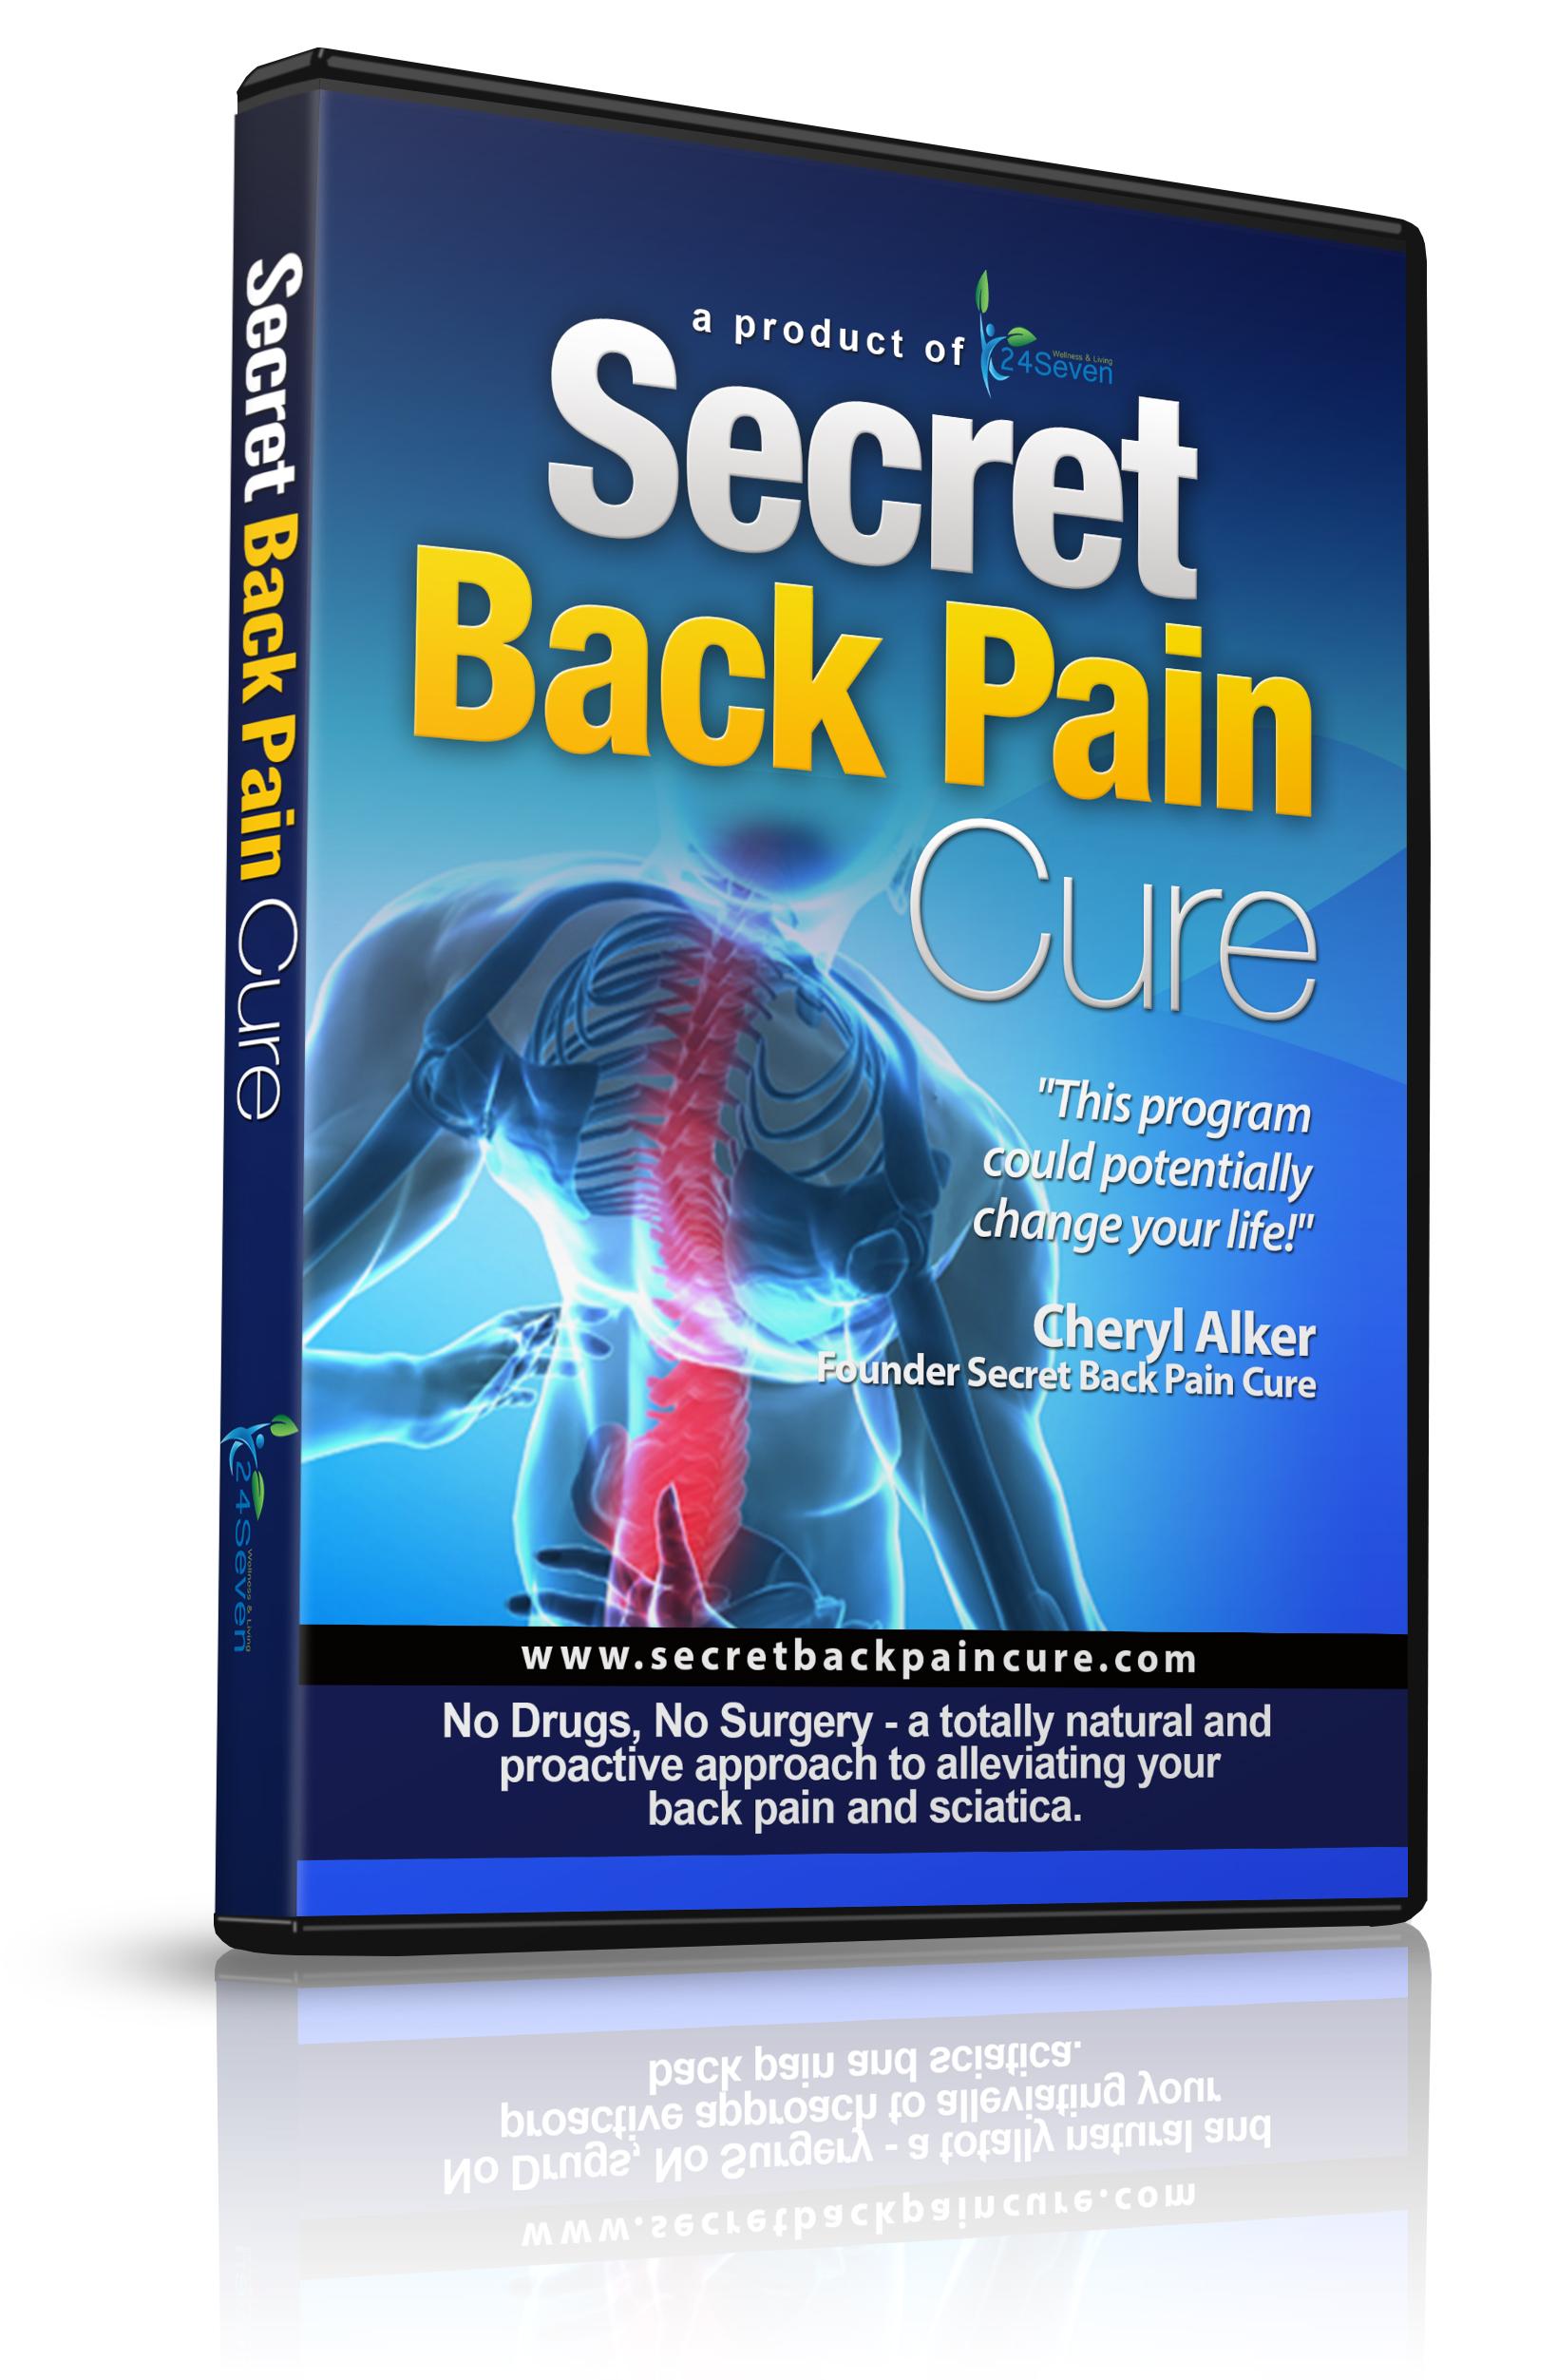 Secret Back Pain Cure DVD 3d Front